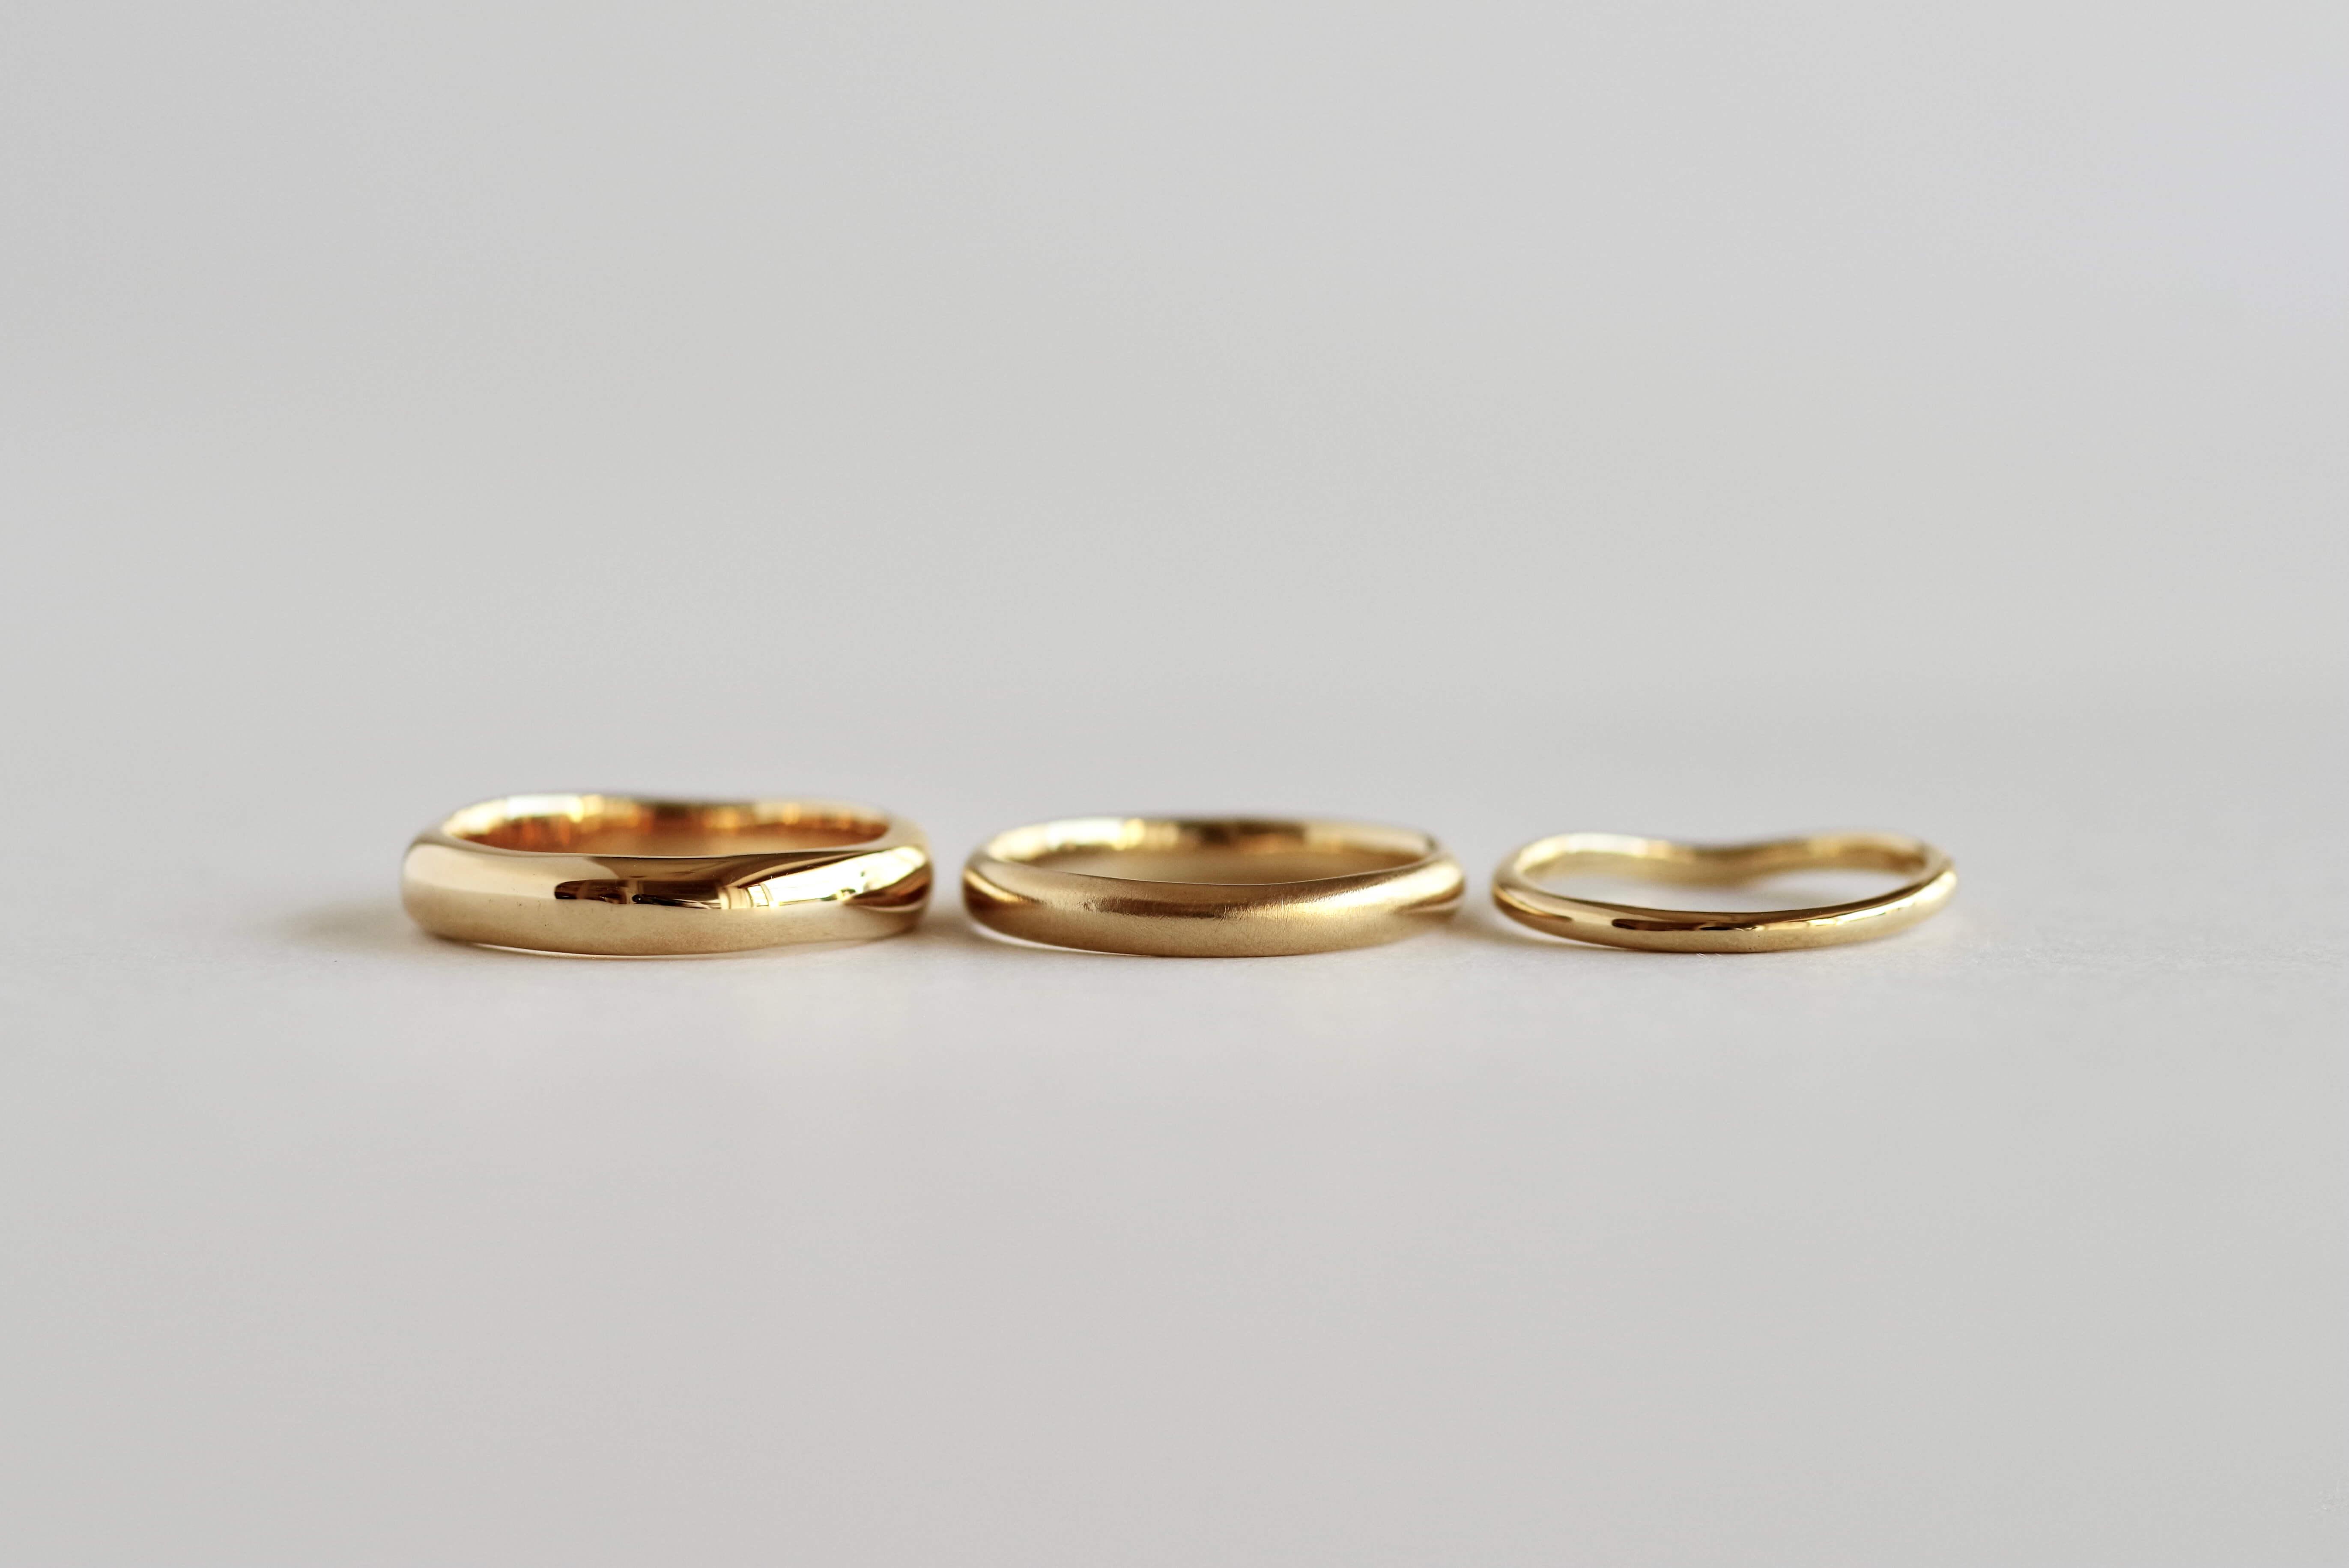 シンプル 結婚指輪 甲丸 太さ 細さ 比較